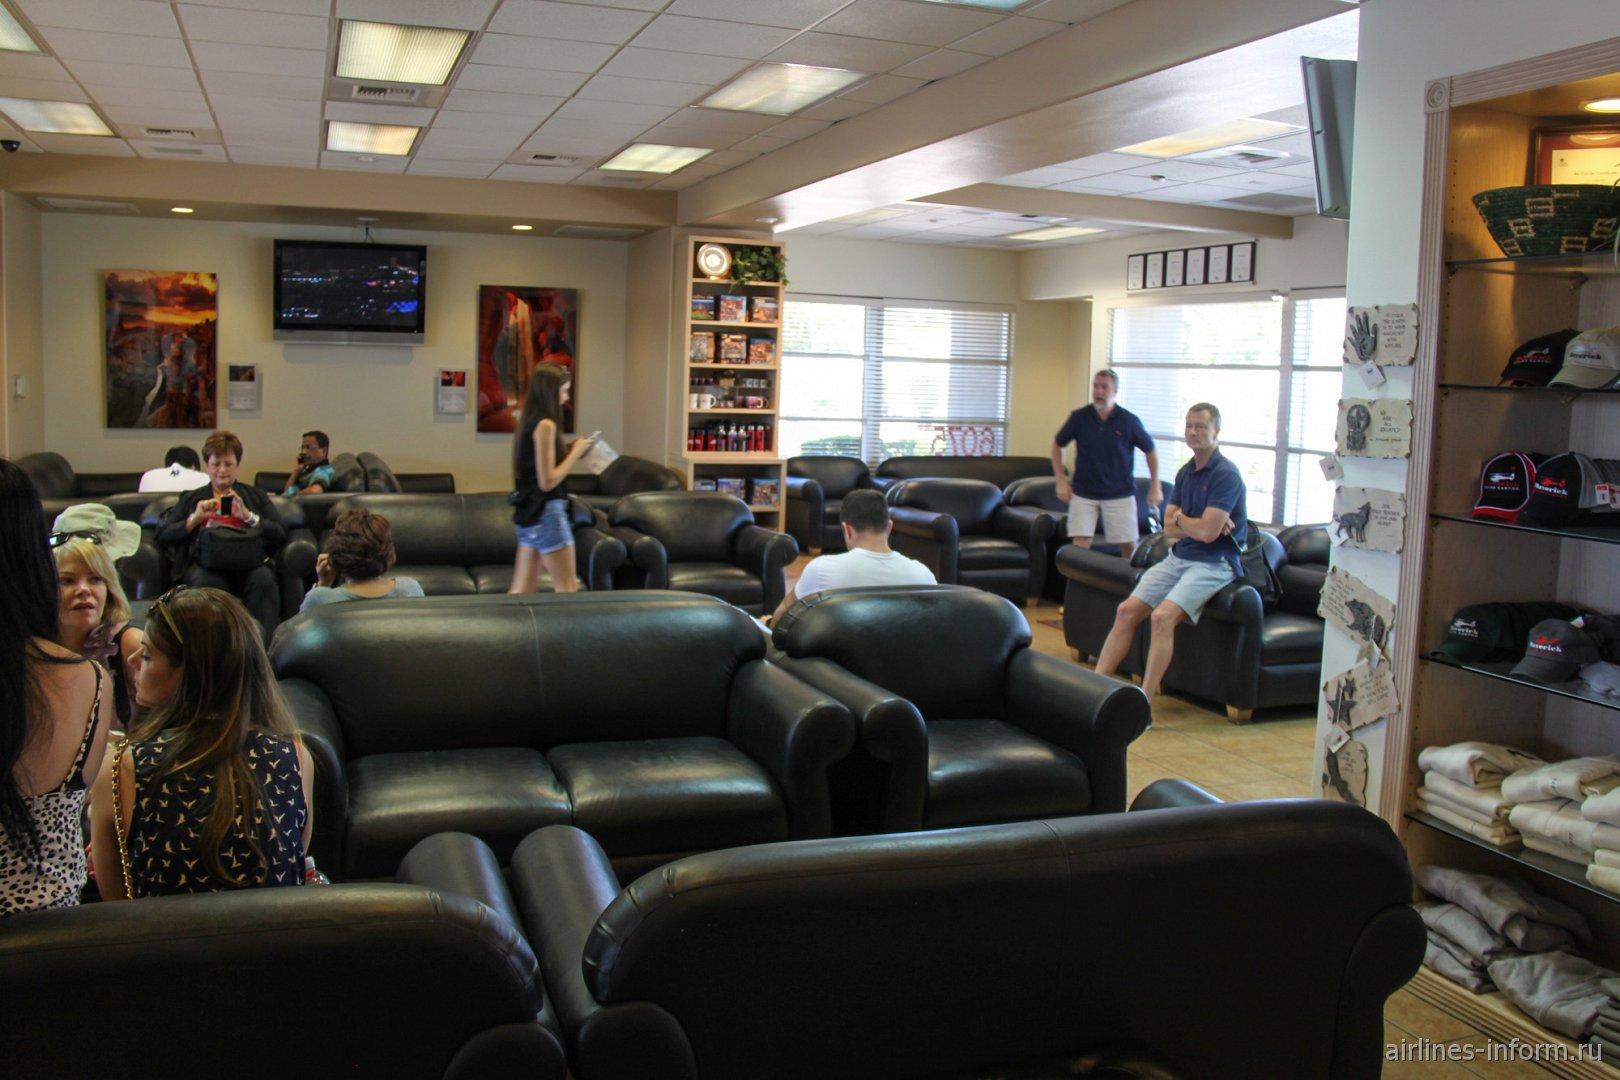 В пассажирском терминале компании Maverick в аэропорту Лас-Вегас